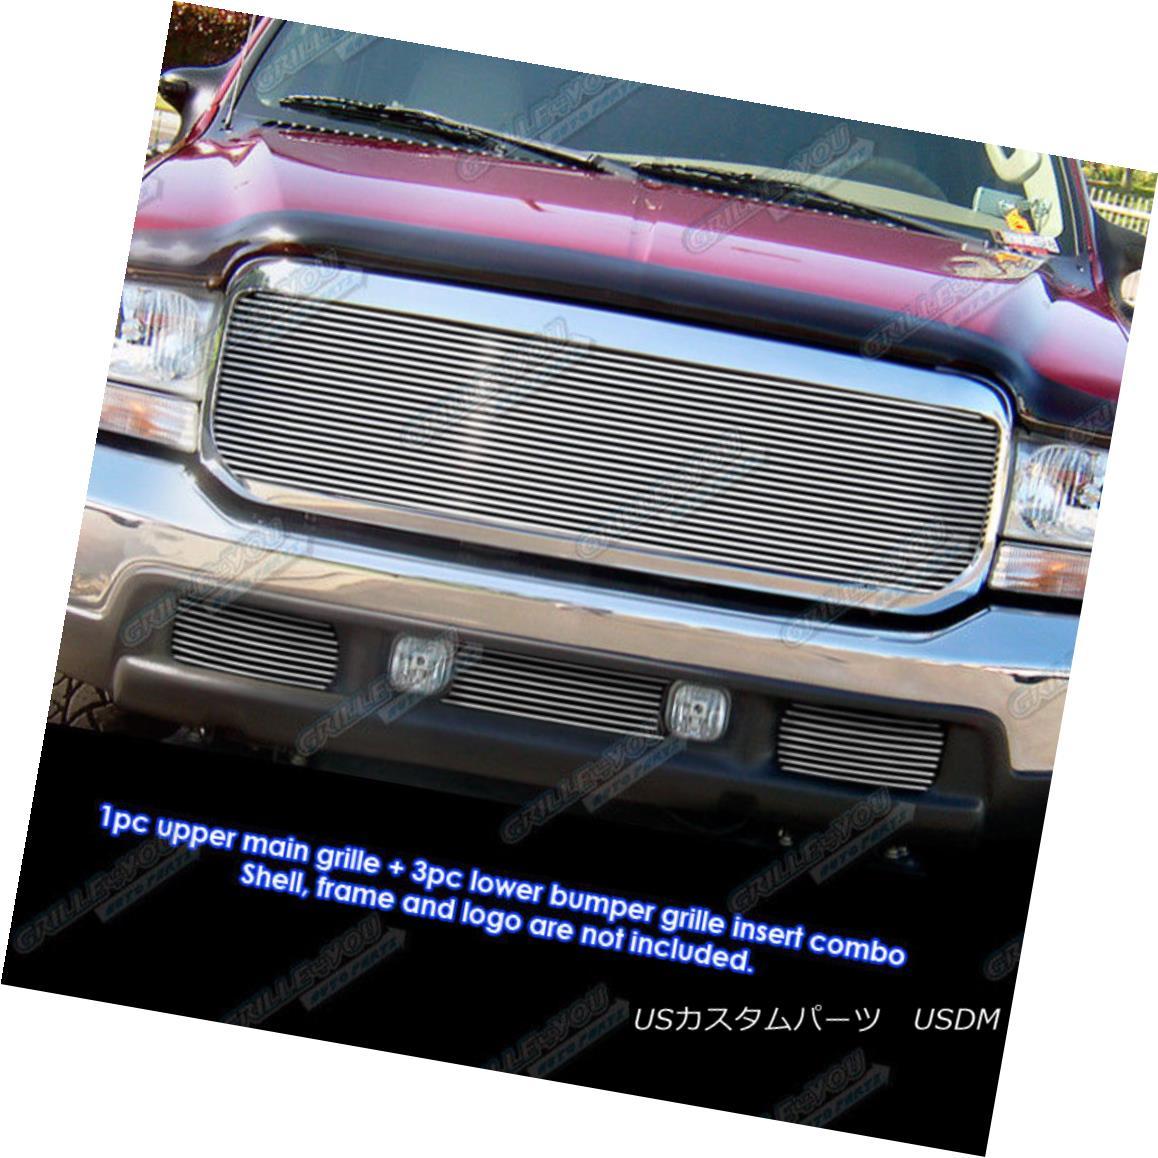 グリル Fits 99-04 Ford F-250/F-350 Super Duty Billet Grille Combo フィット99-04 Ford F-250 / F-350スーパーデューティービレットグリルコンボ